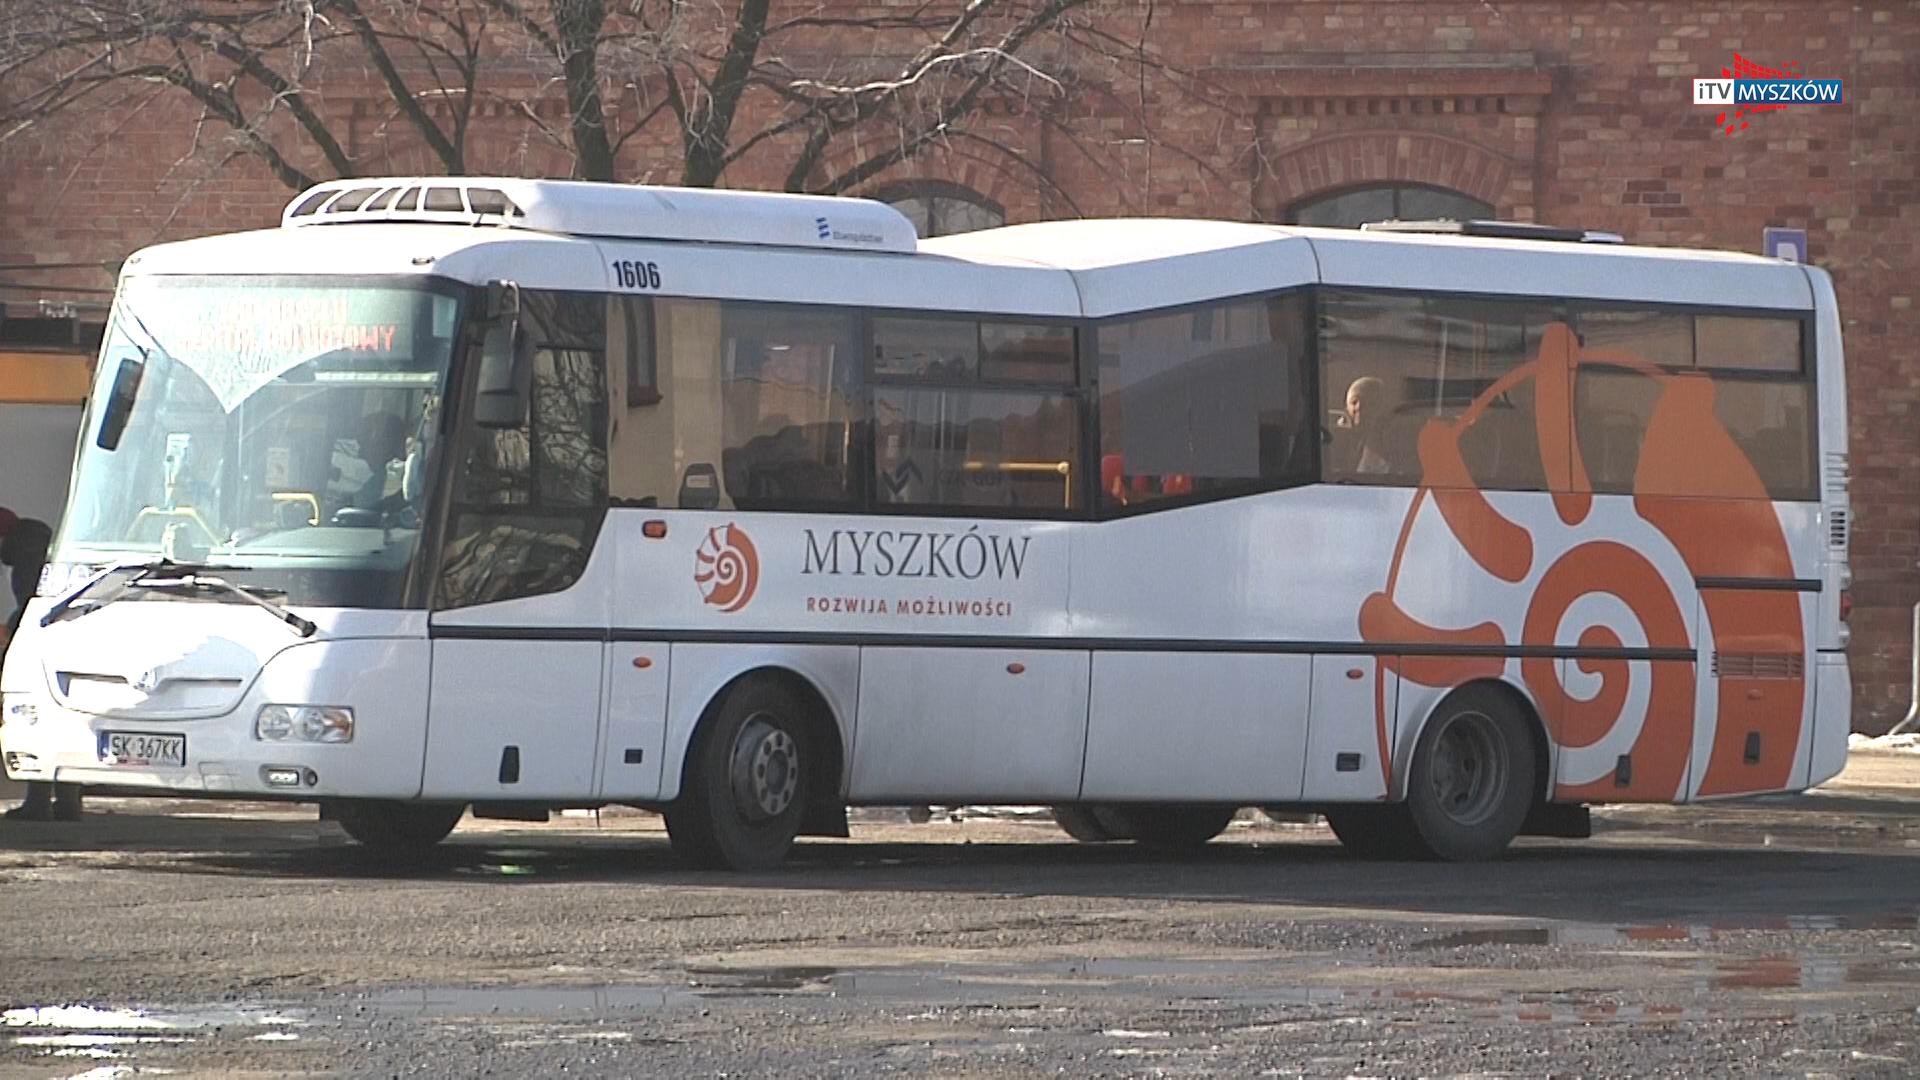 nowoczesne autobusy przynoszą oszczędności miastu